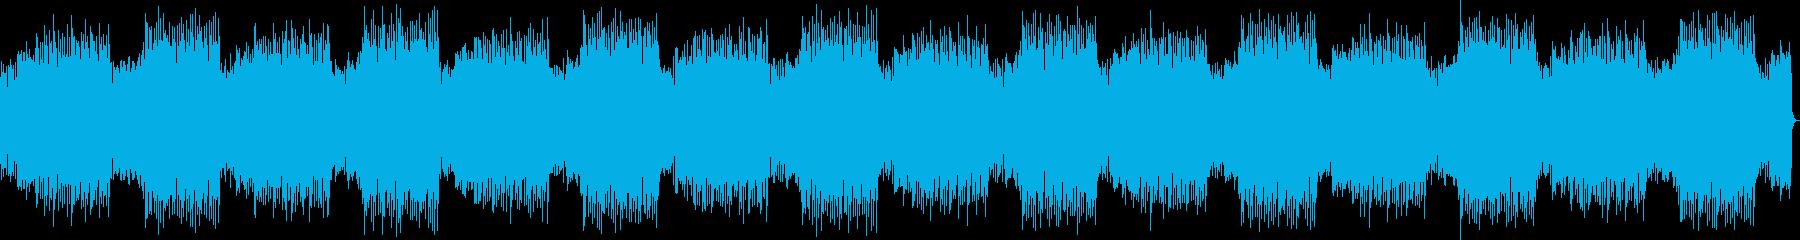 ヒップホップ、トラップ、おしゃれ、暗いの再生済みの波形